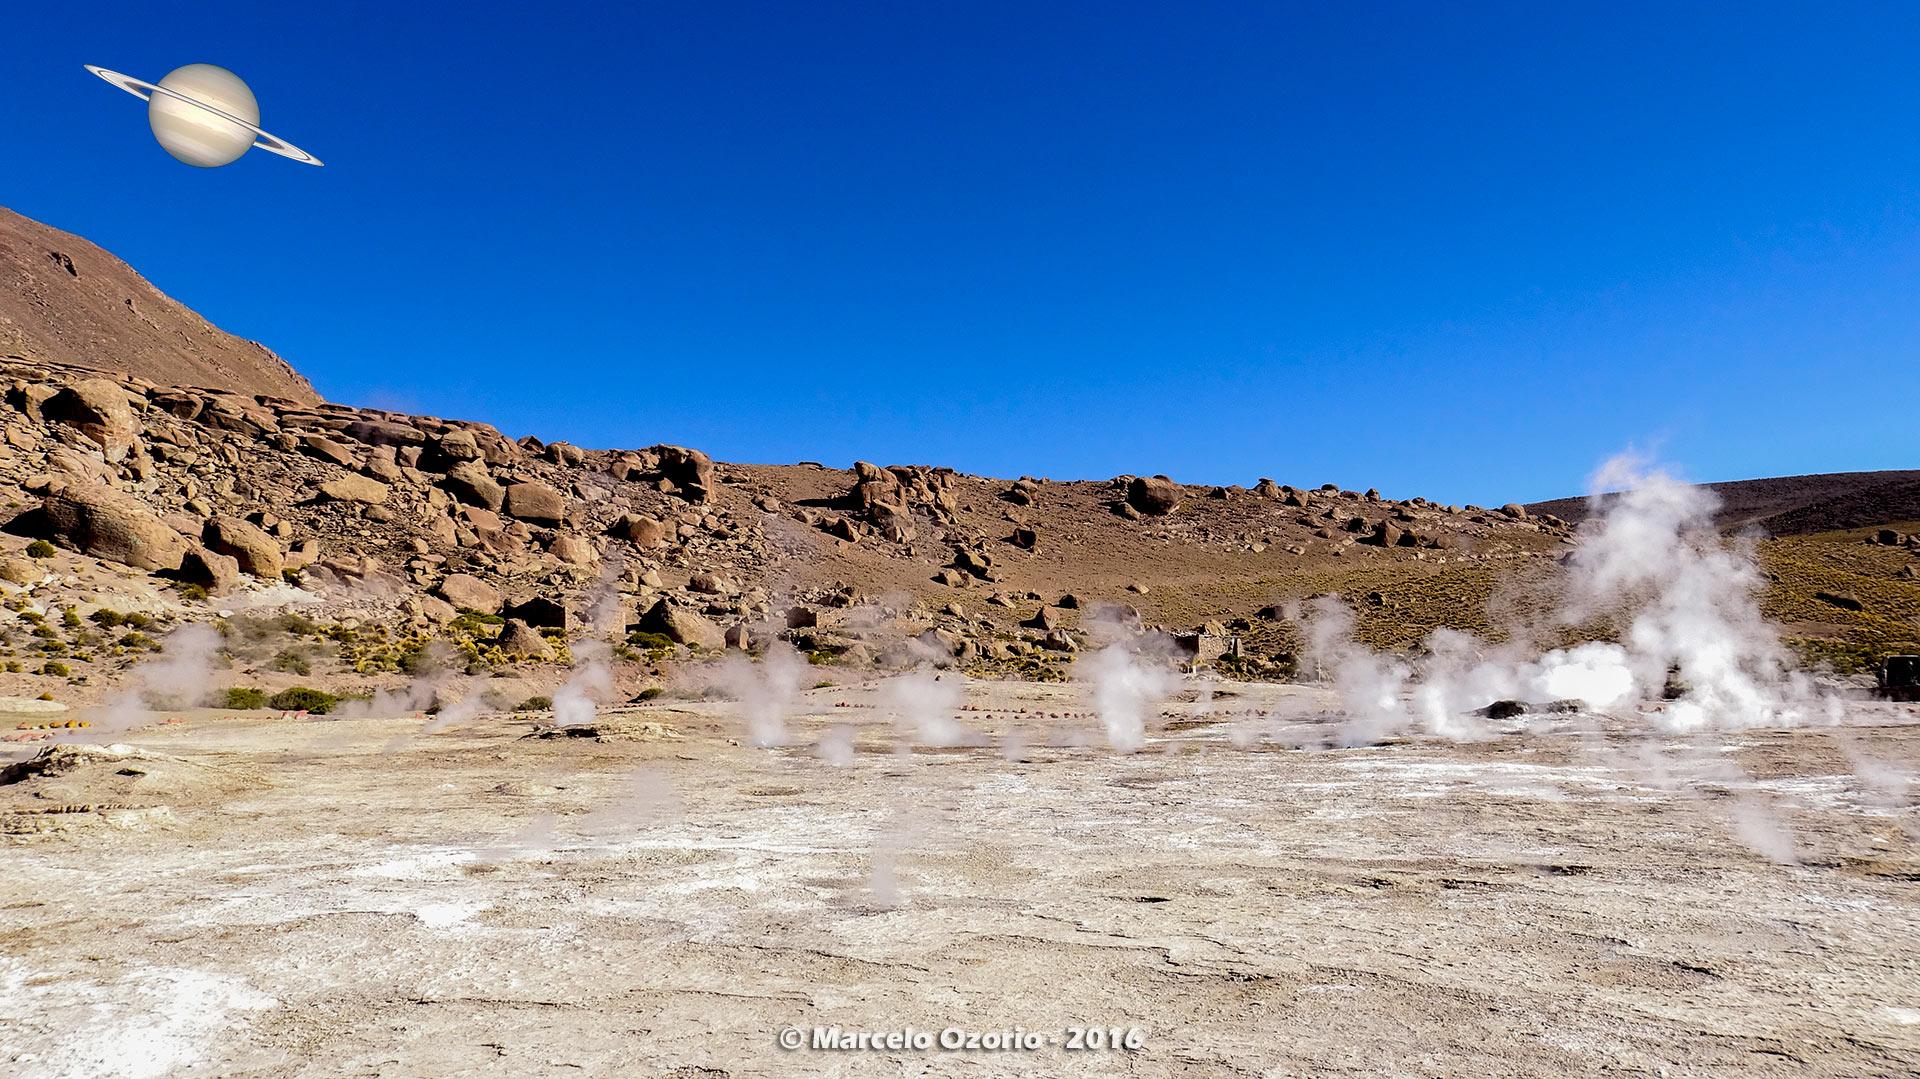 el tatio geysers atacama desert 40 - The Surreal El Tatio Geysers - Atacama Desert - Chile